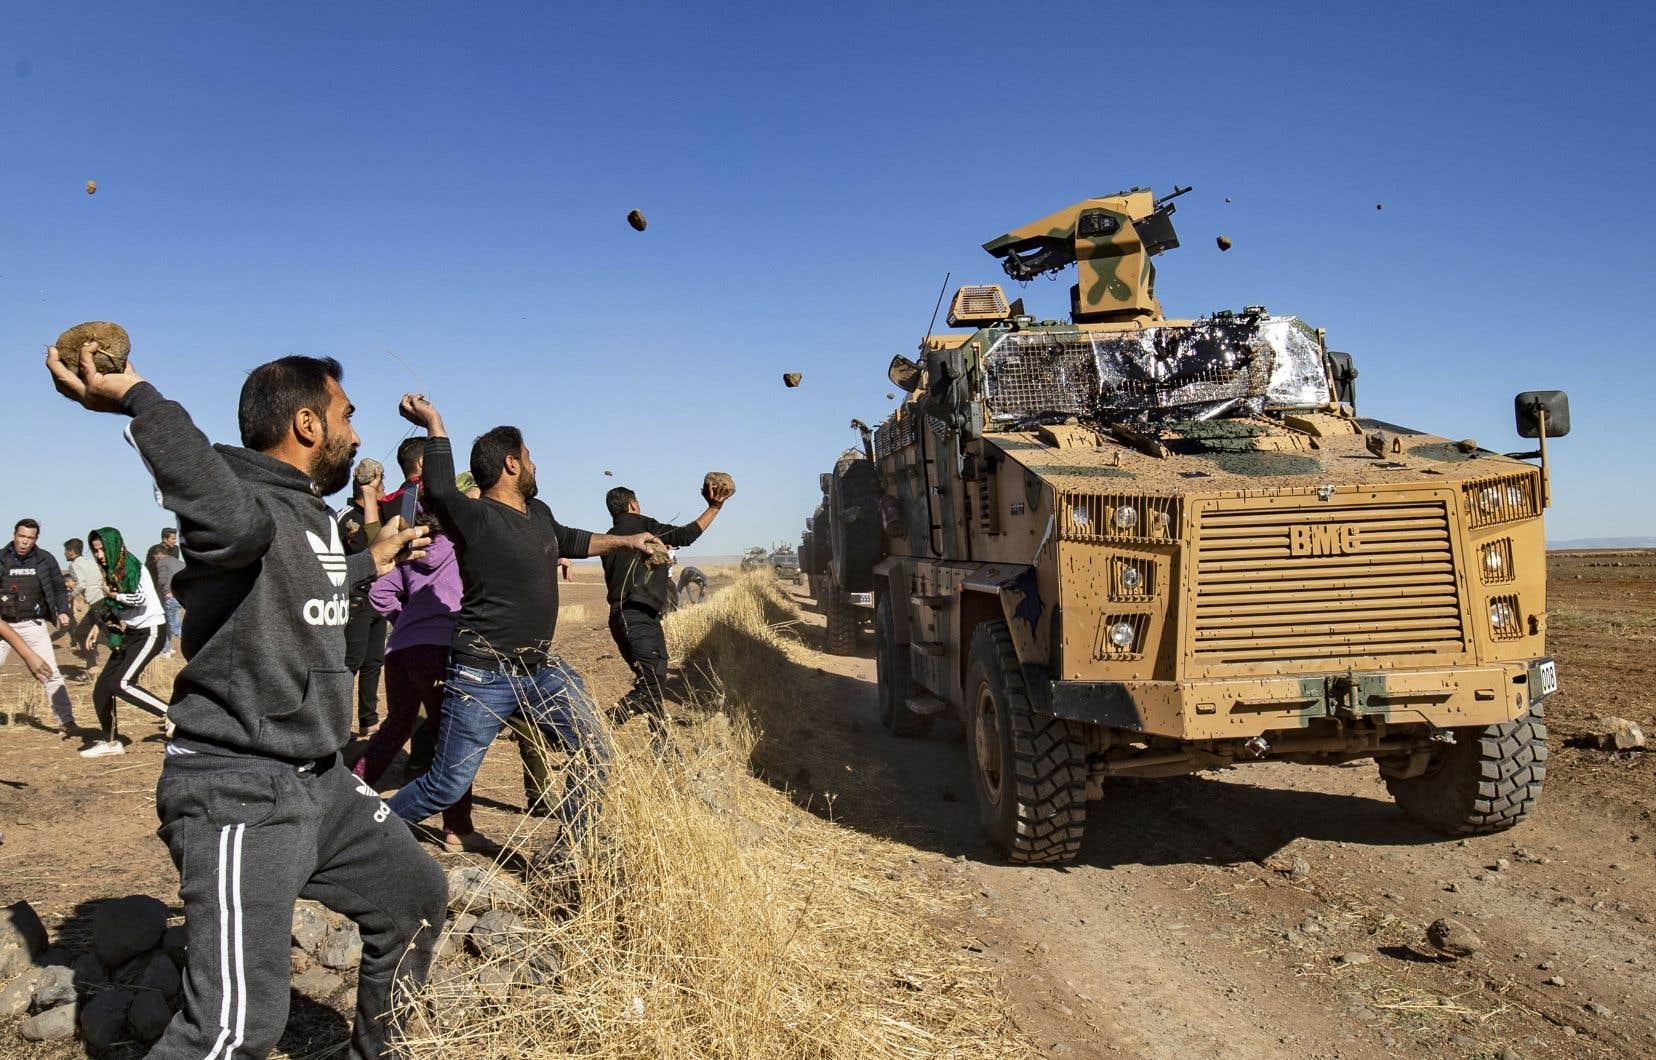 Un petit groupe de Kurdes s'est rassemblé près de la localité de Maabda, non loin de la frontière avec la Turquie, lançant pierres et chaussures sur le convoi.